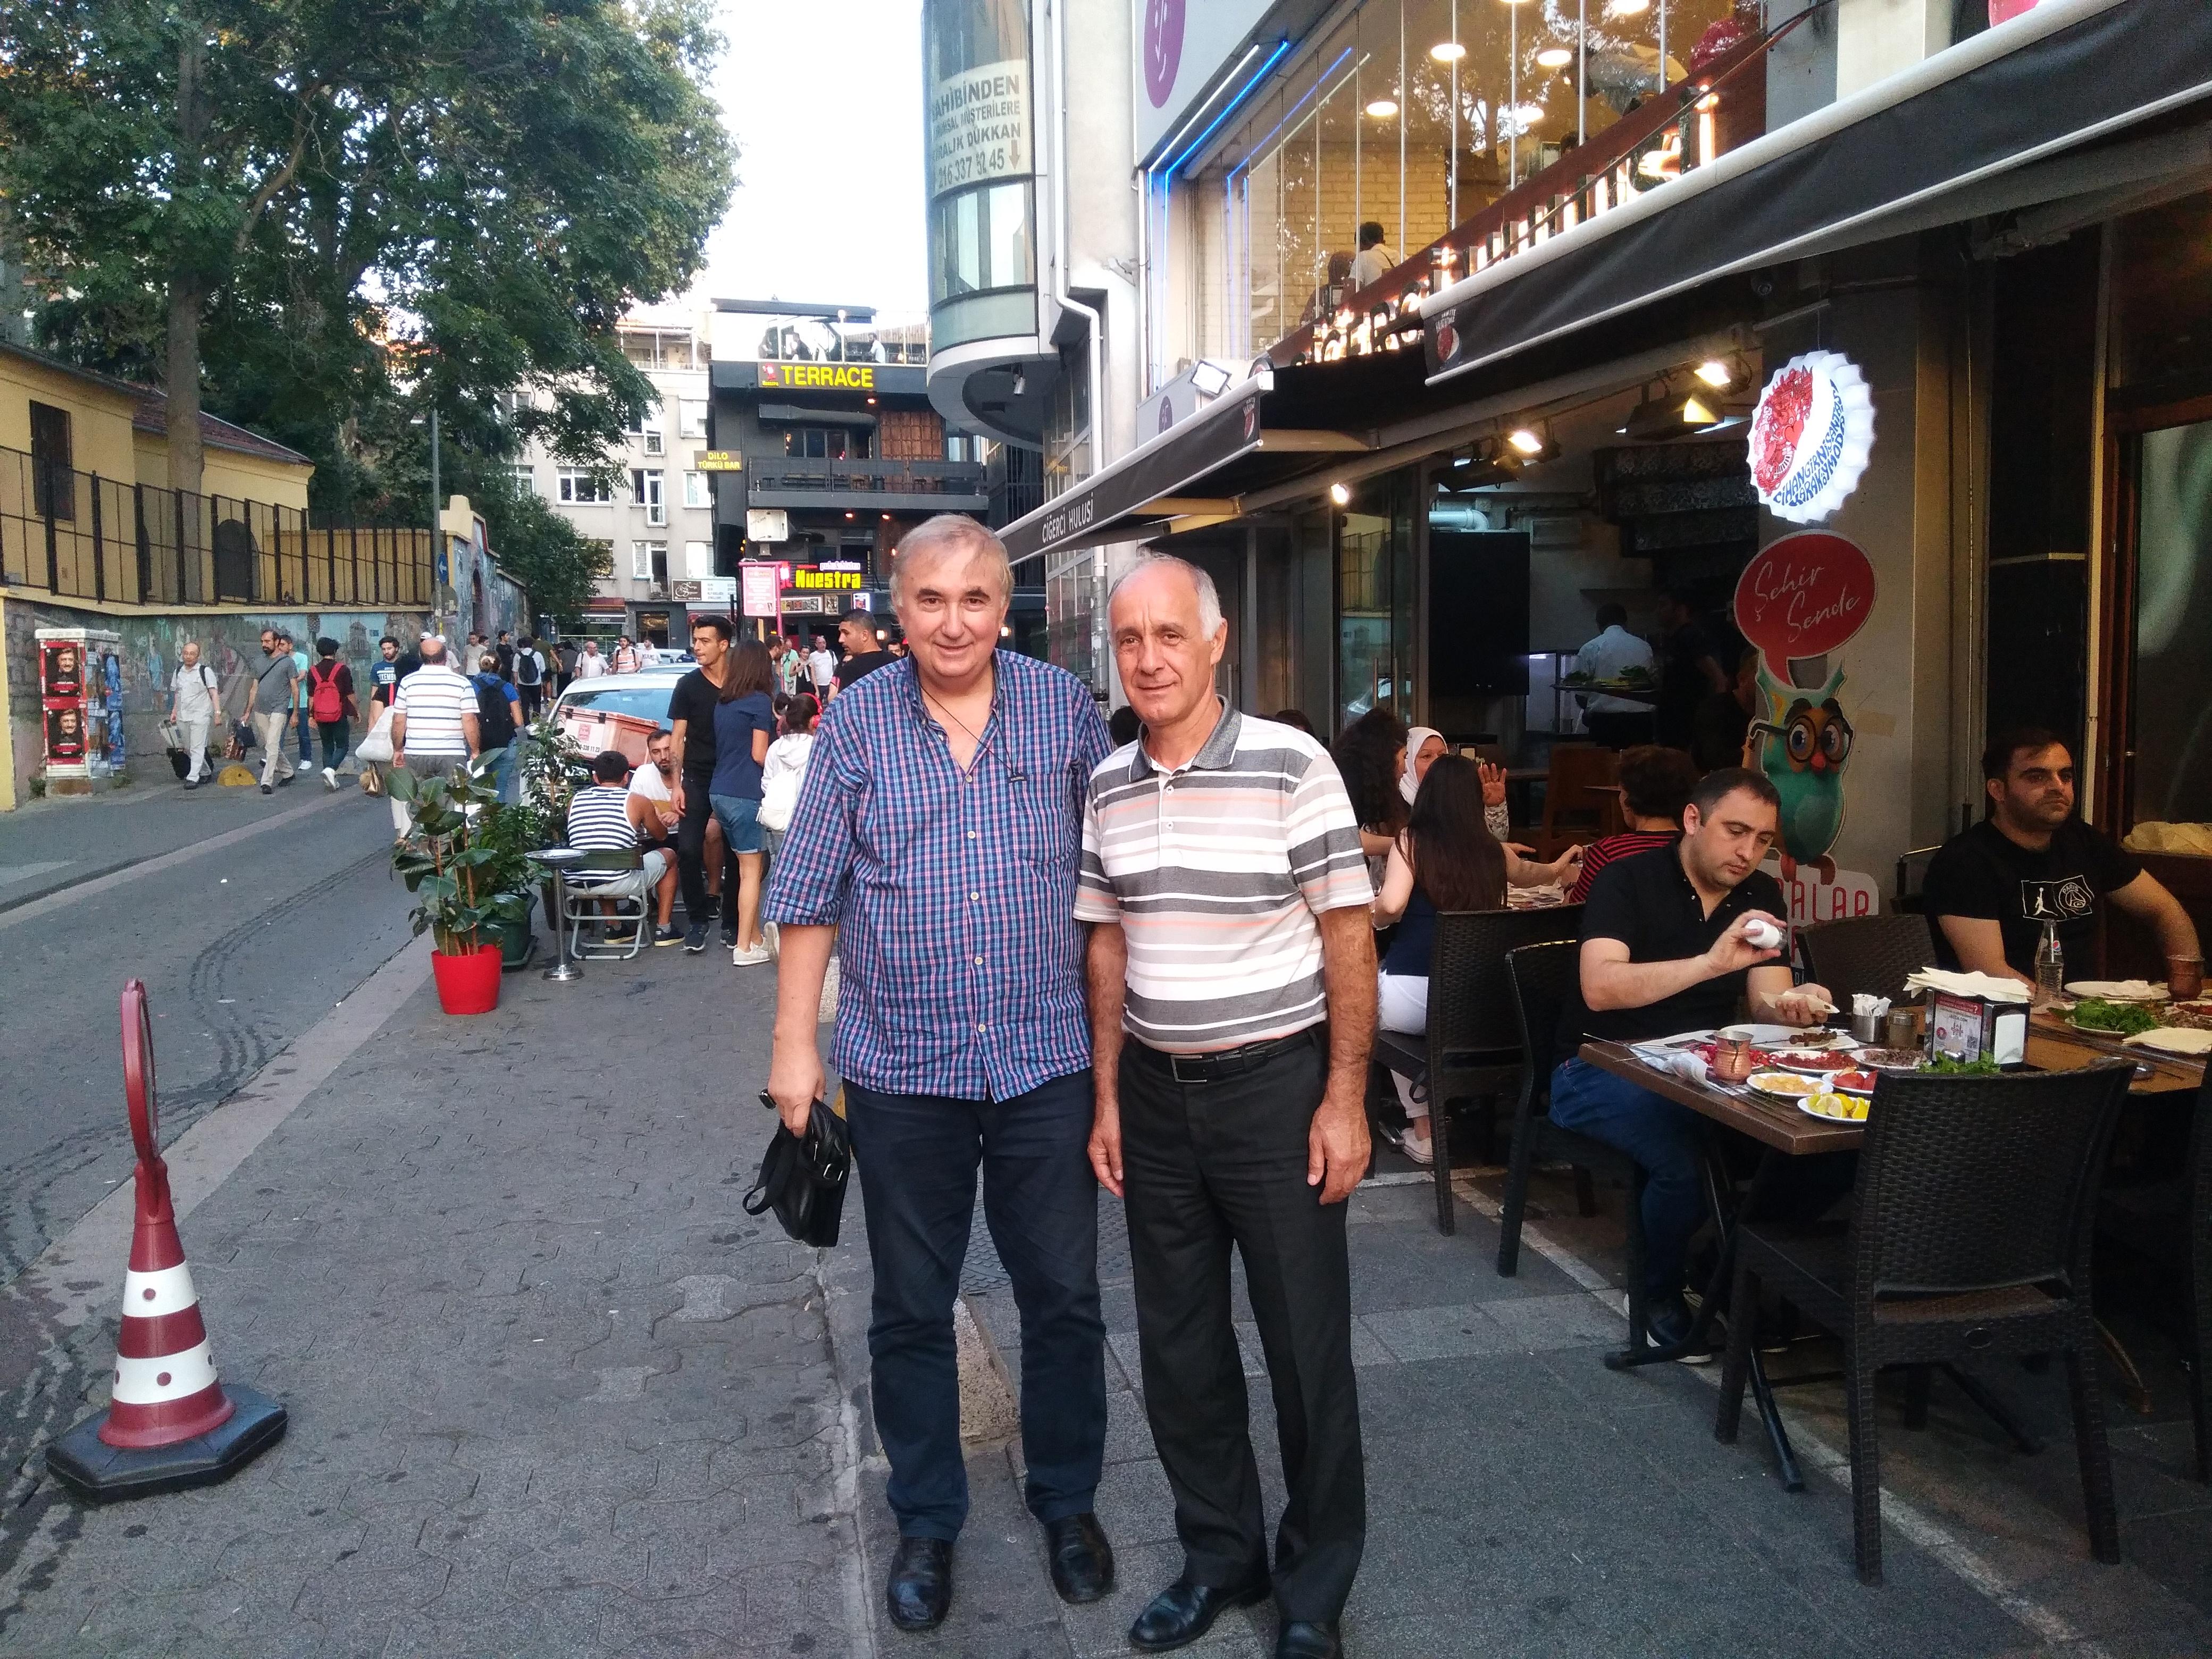 Tarihi Çarşılar Federasyonu Başkanı Muhsin Özyıldırım'ın Kadıköy Tarihi Çarşısına ziyareti